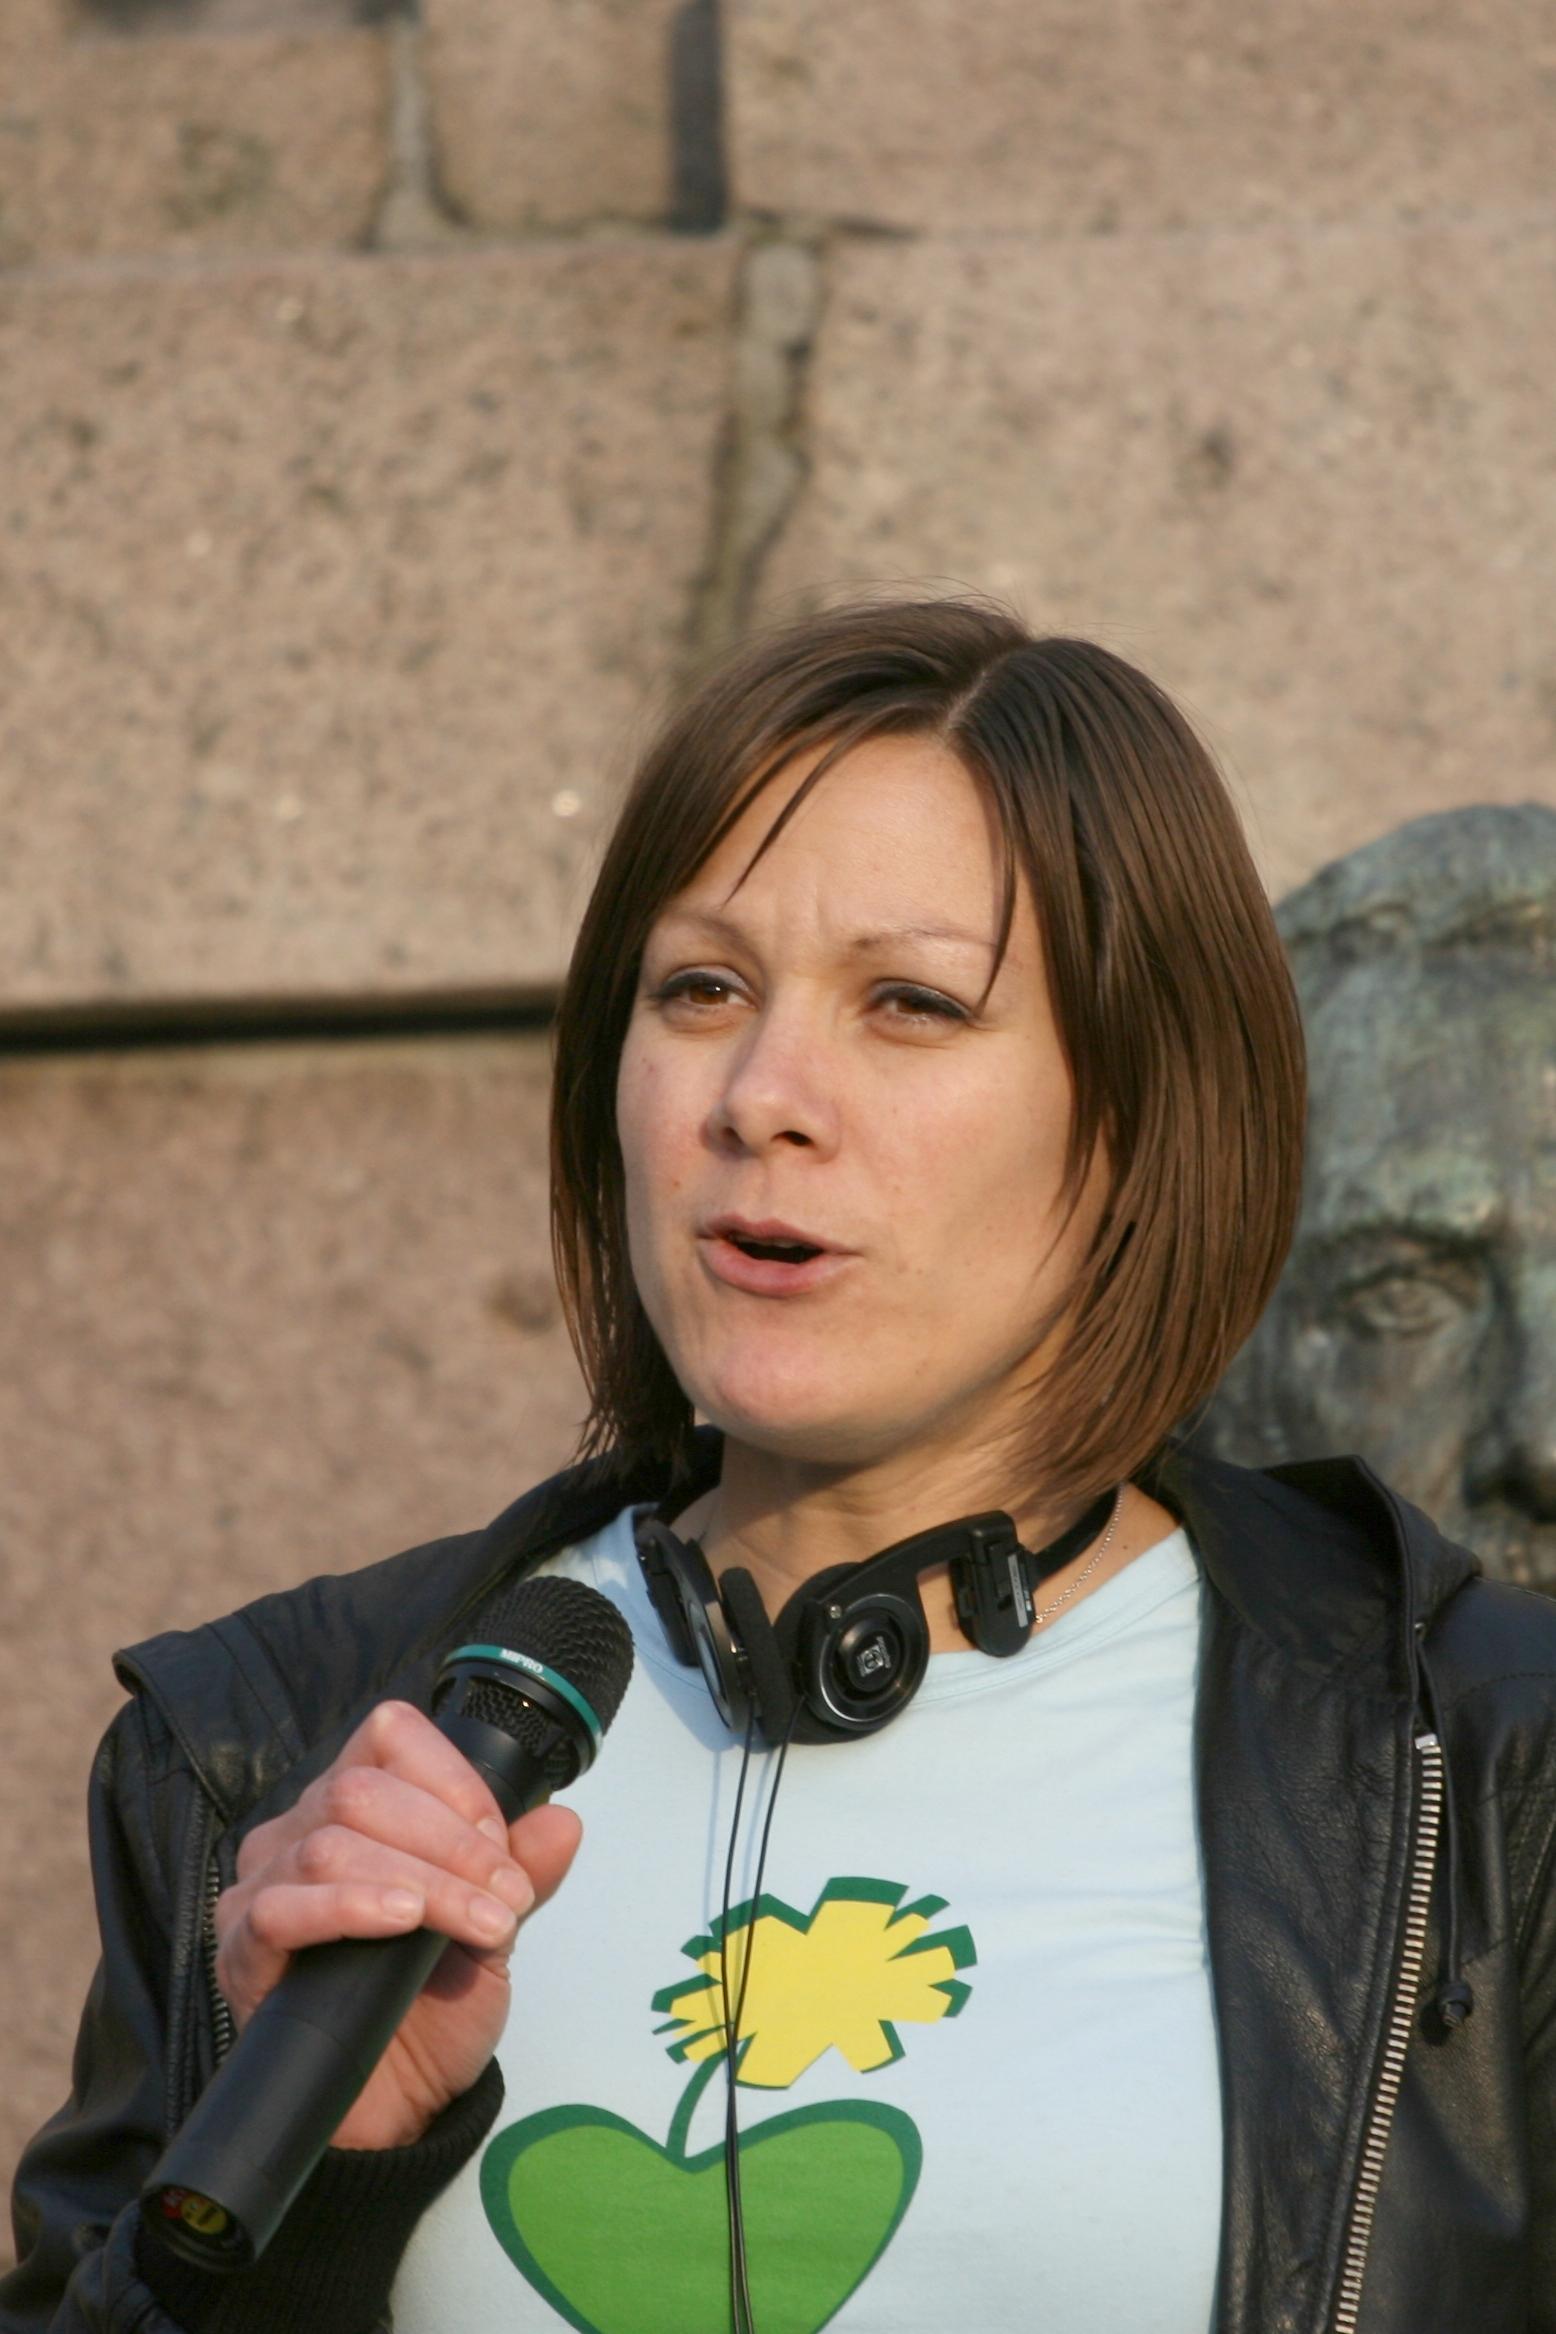 Hanna Elise Marcussen